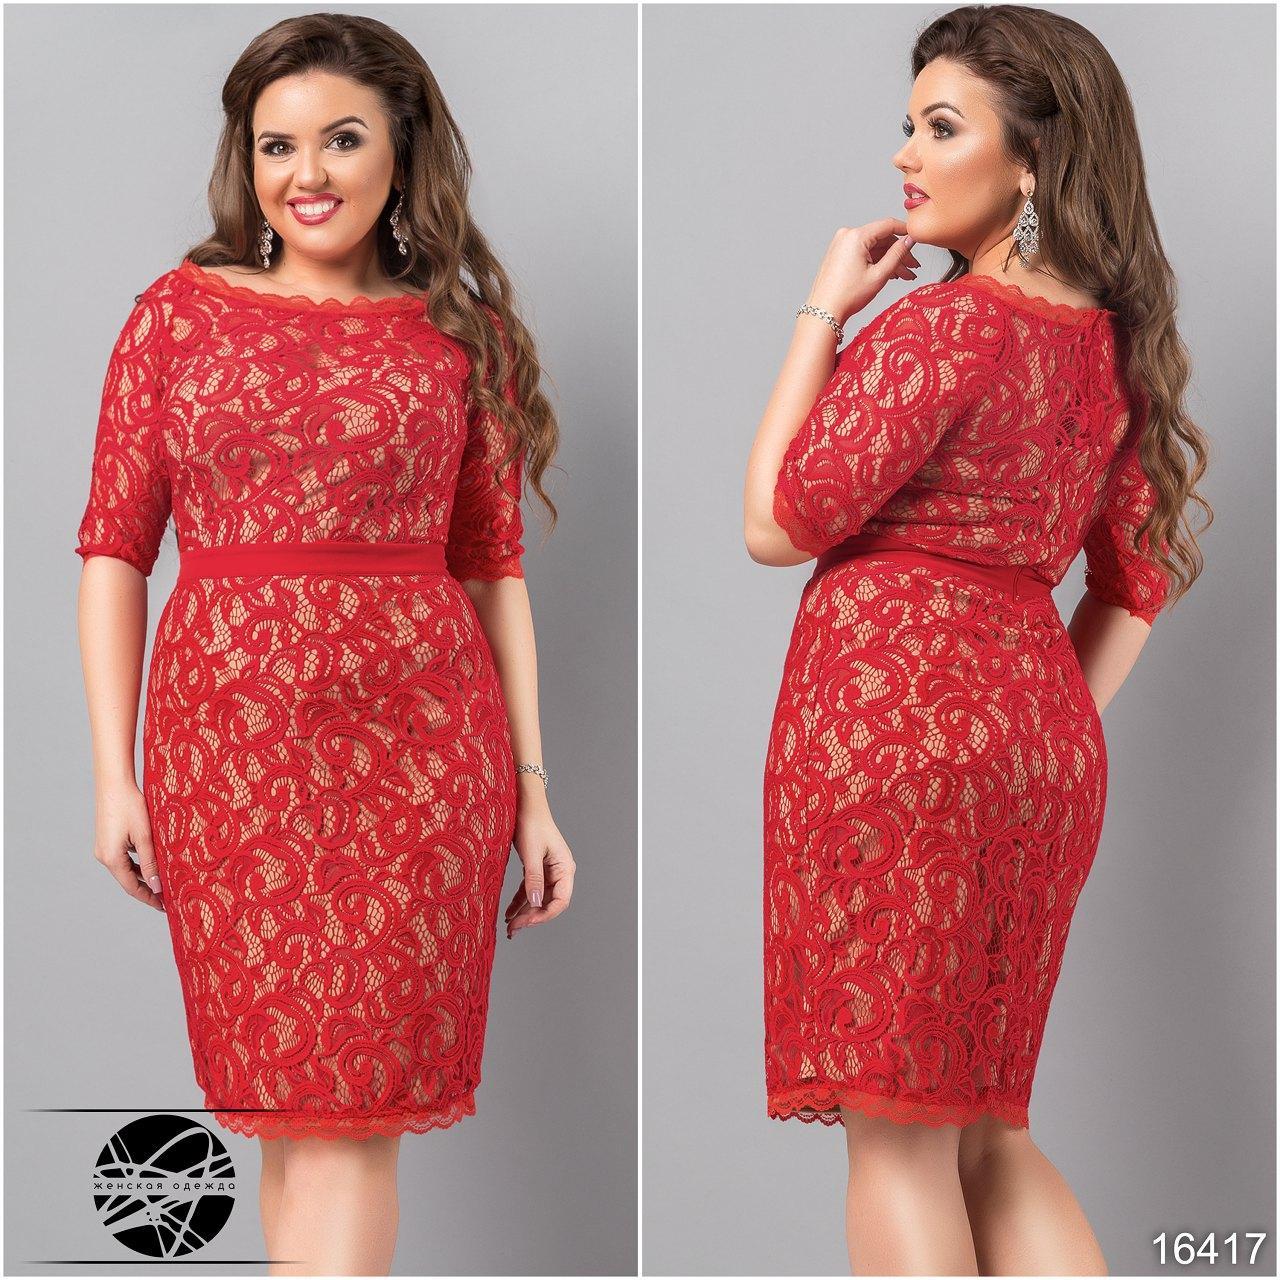 2b9807e4904 Вечернее гипюровое платье красного цвета с рукавом три четверти. Размеры  48-54. Модель